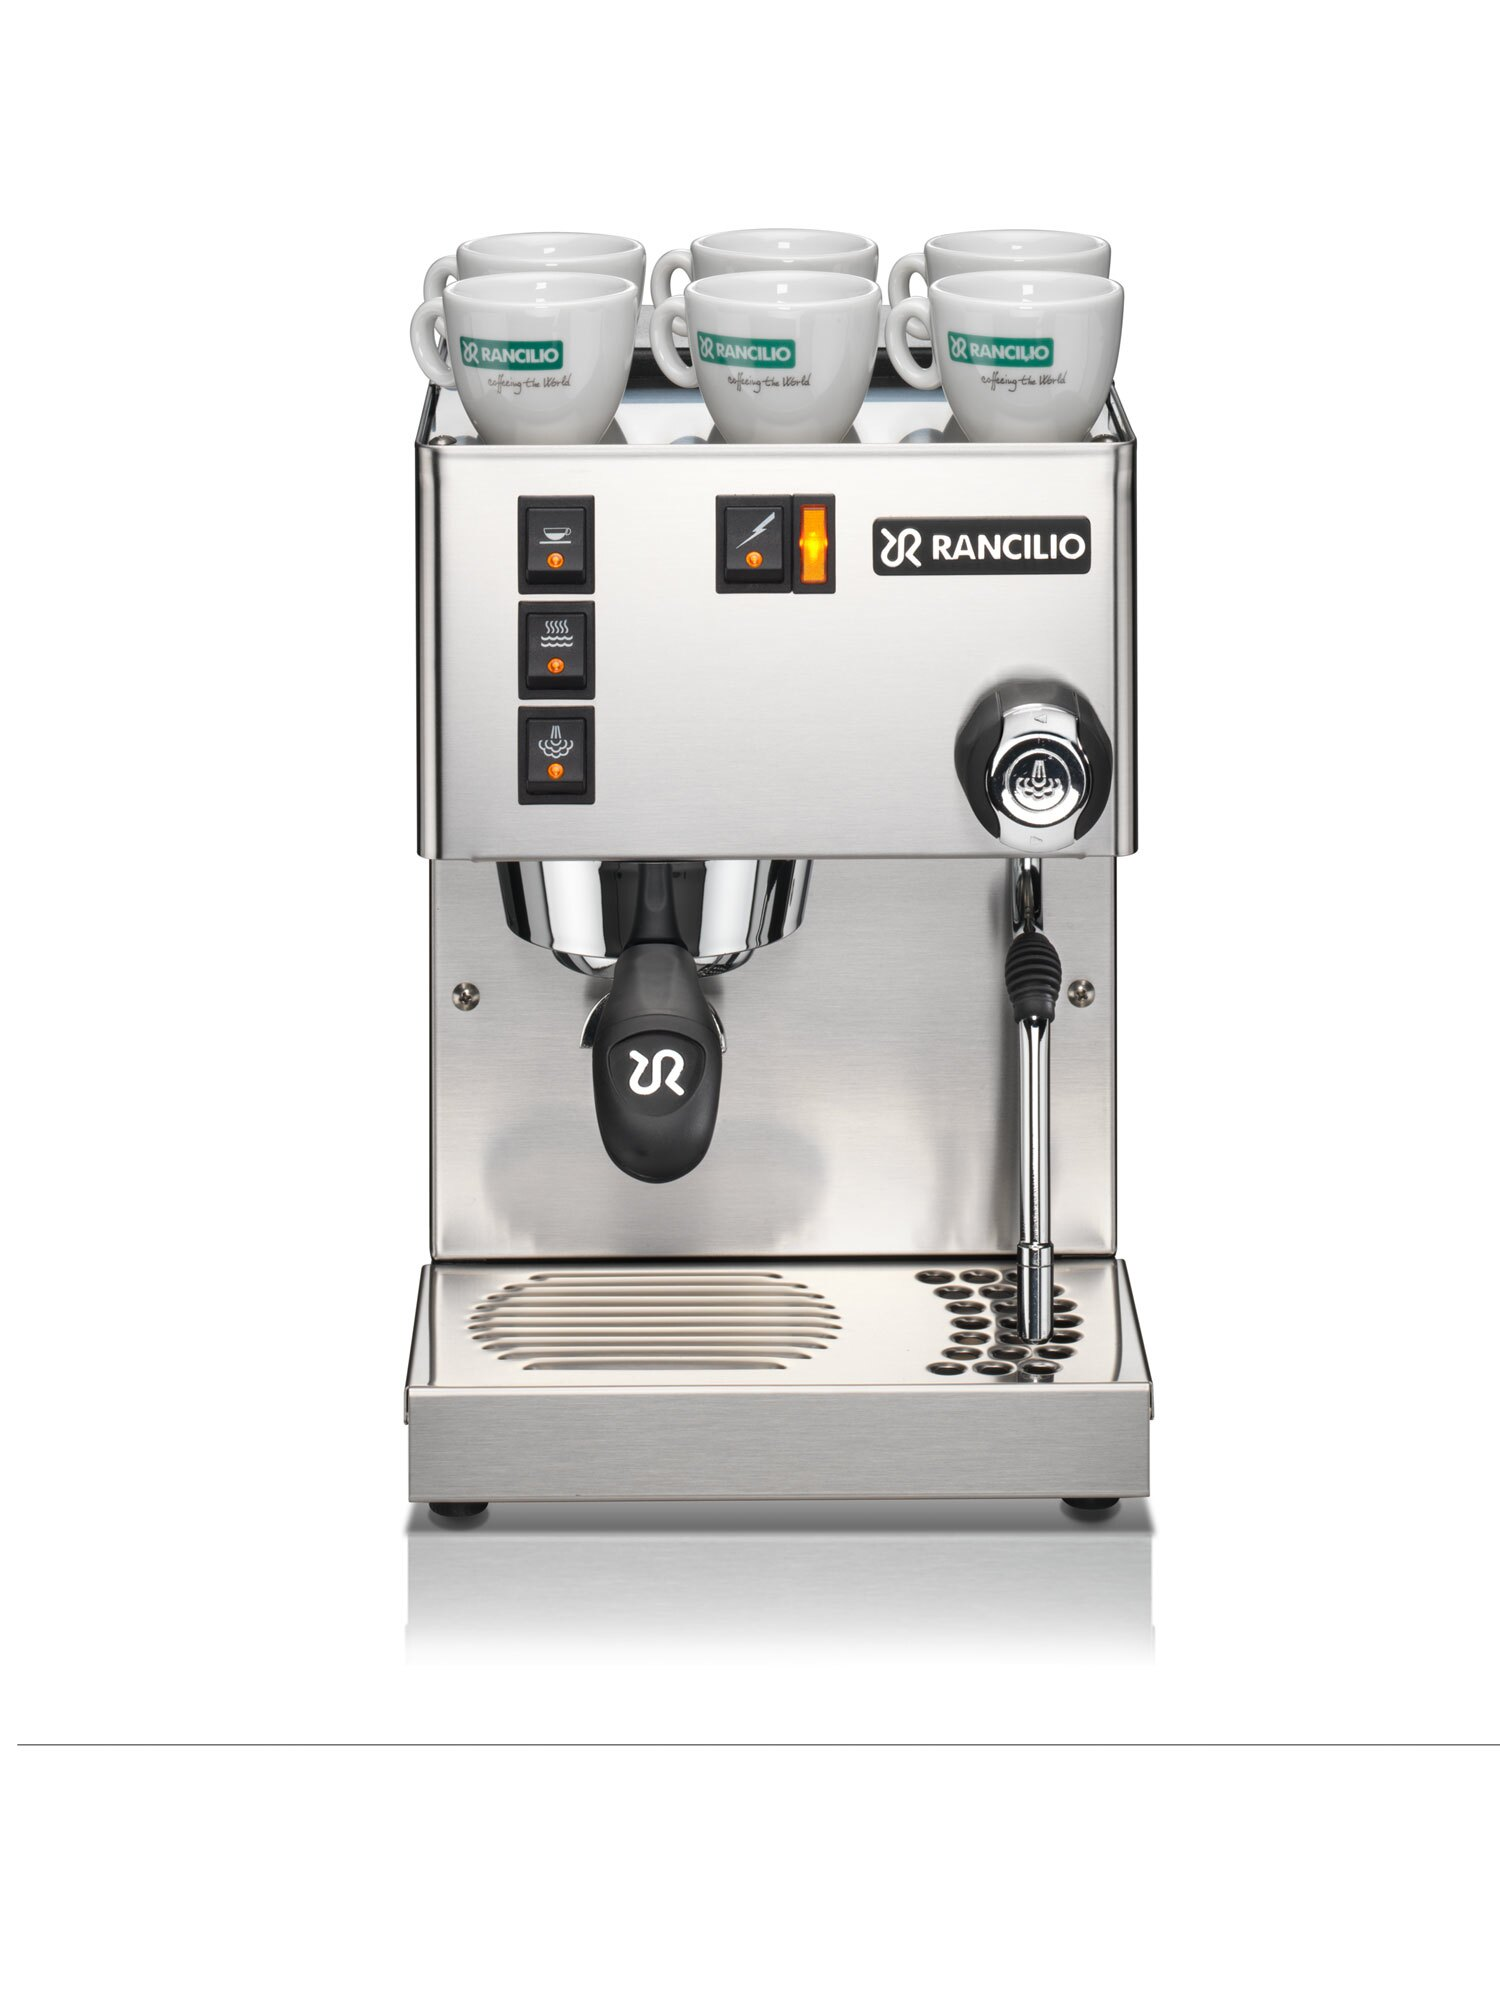 義大利原裝進口 RANCILIO SILVIA 半自動 單孔家用 咖啡機 公司貨 無改機服務